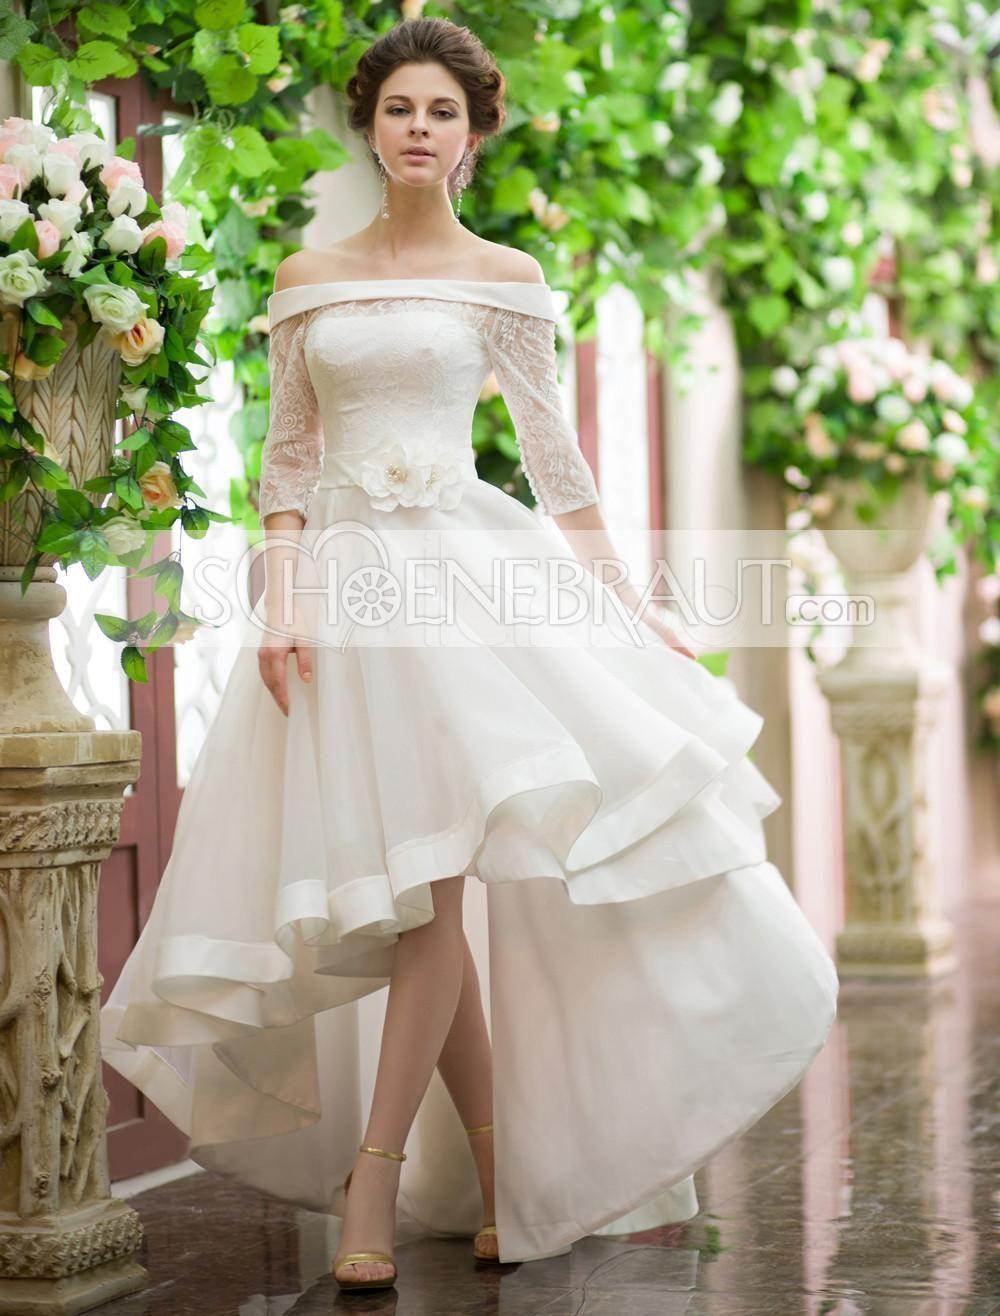 Hochzeitskleid Vorne Kurz Hinten Lang in 15  Hochzeitskleid